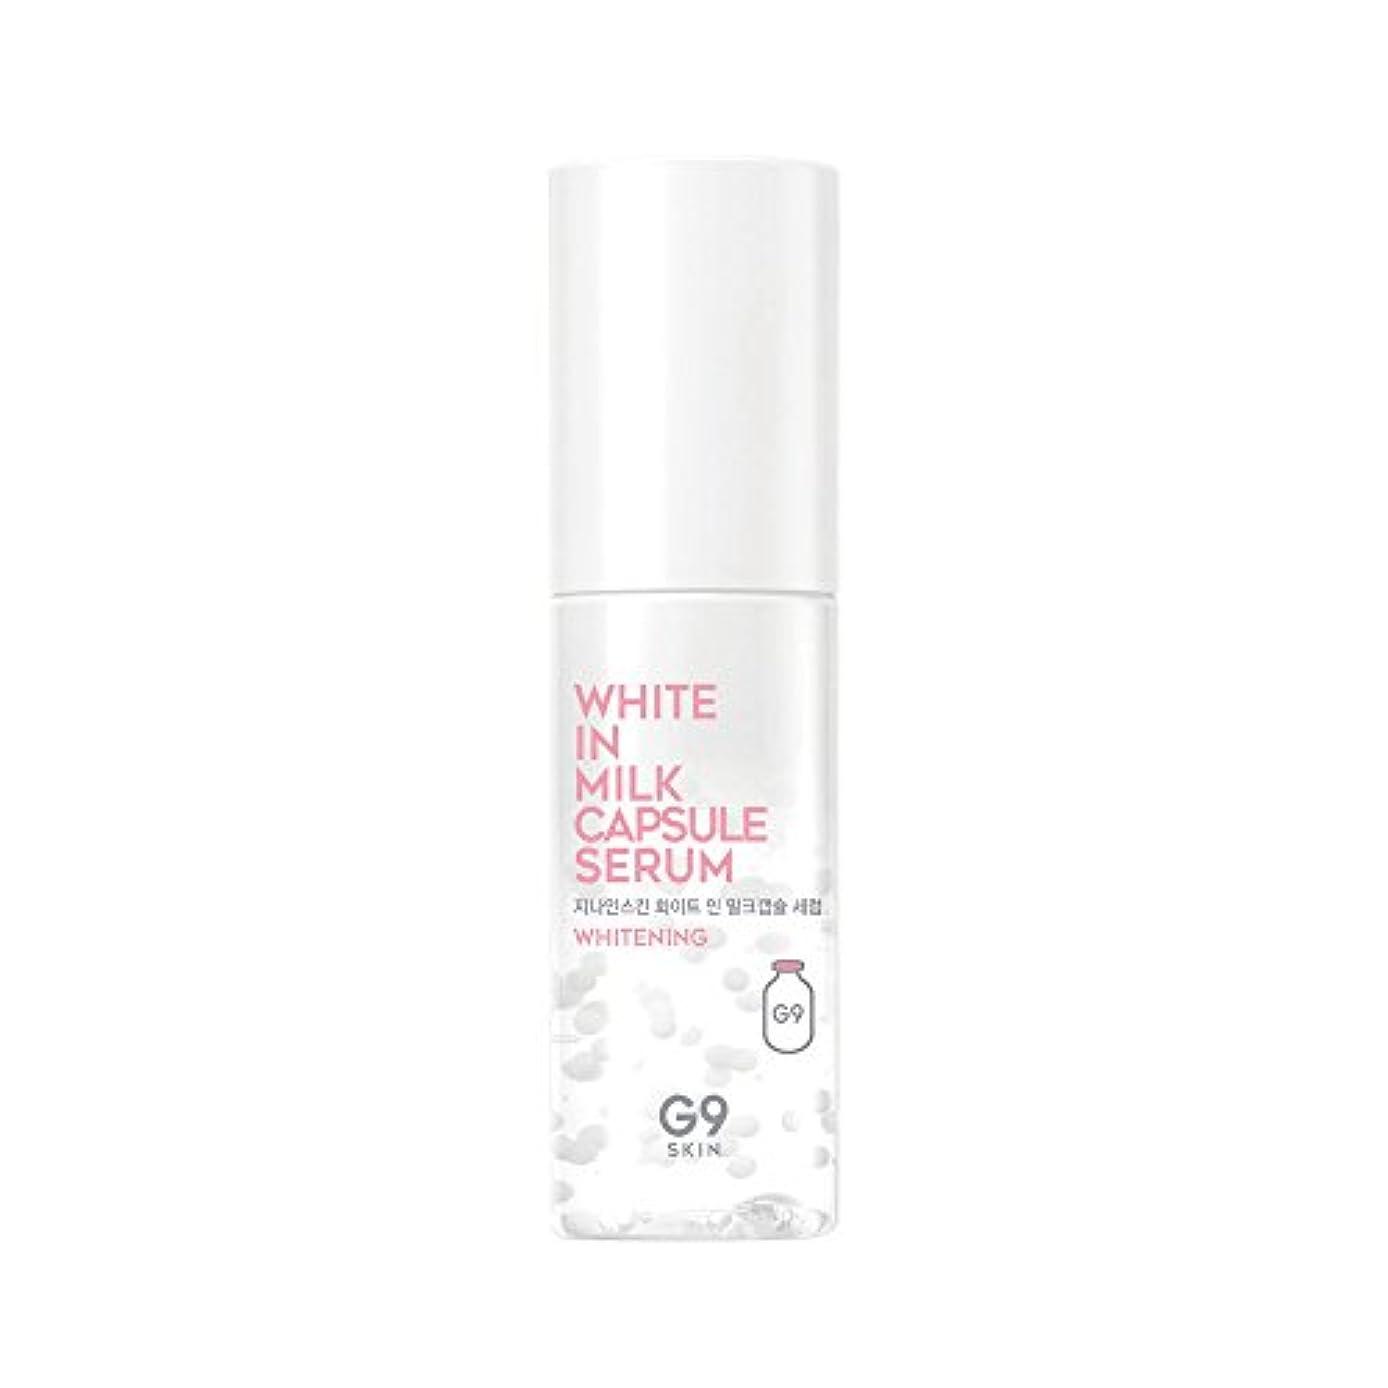 エスカレート与えるアーティキュレーションG9SKIN(ベリサム) White In Milk Capsule Serum ホワイインミルクカプセルセラム 50ml